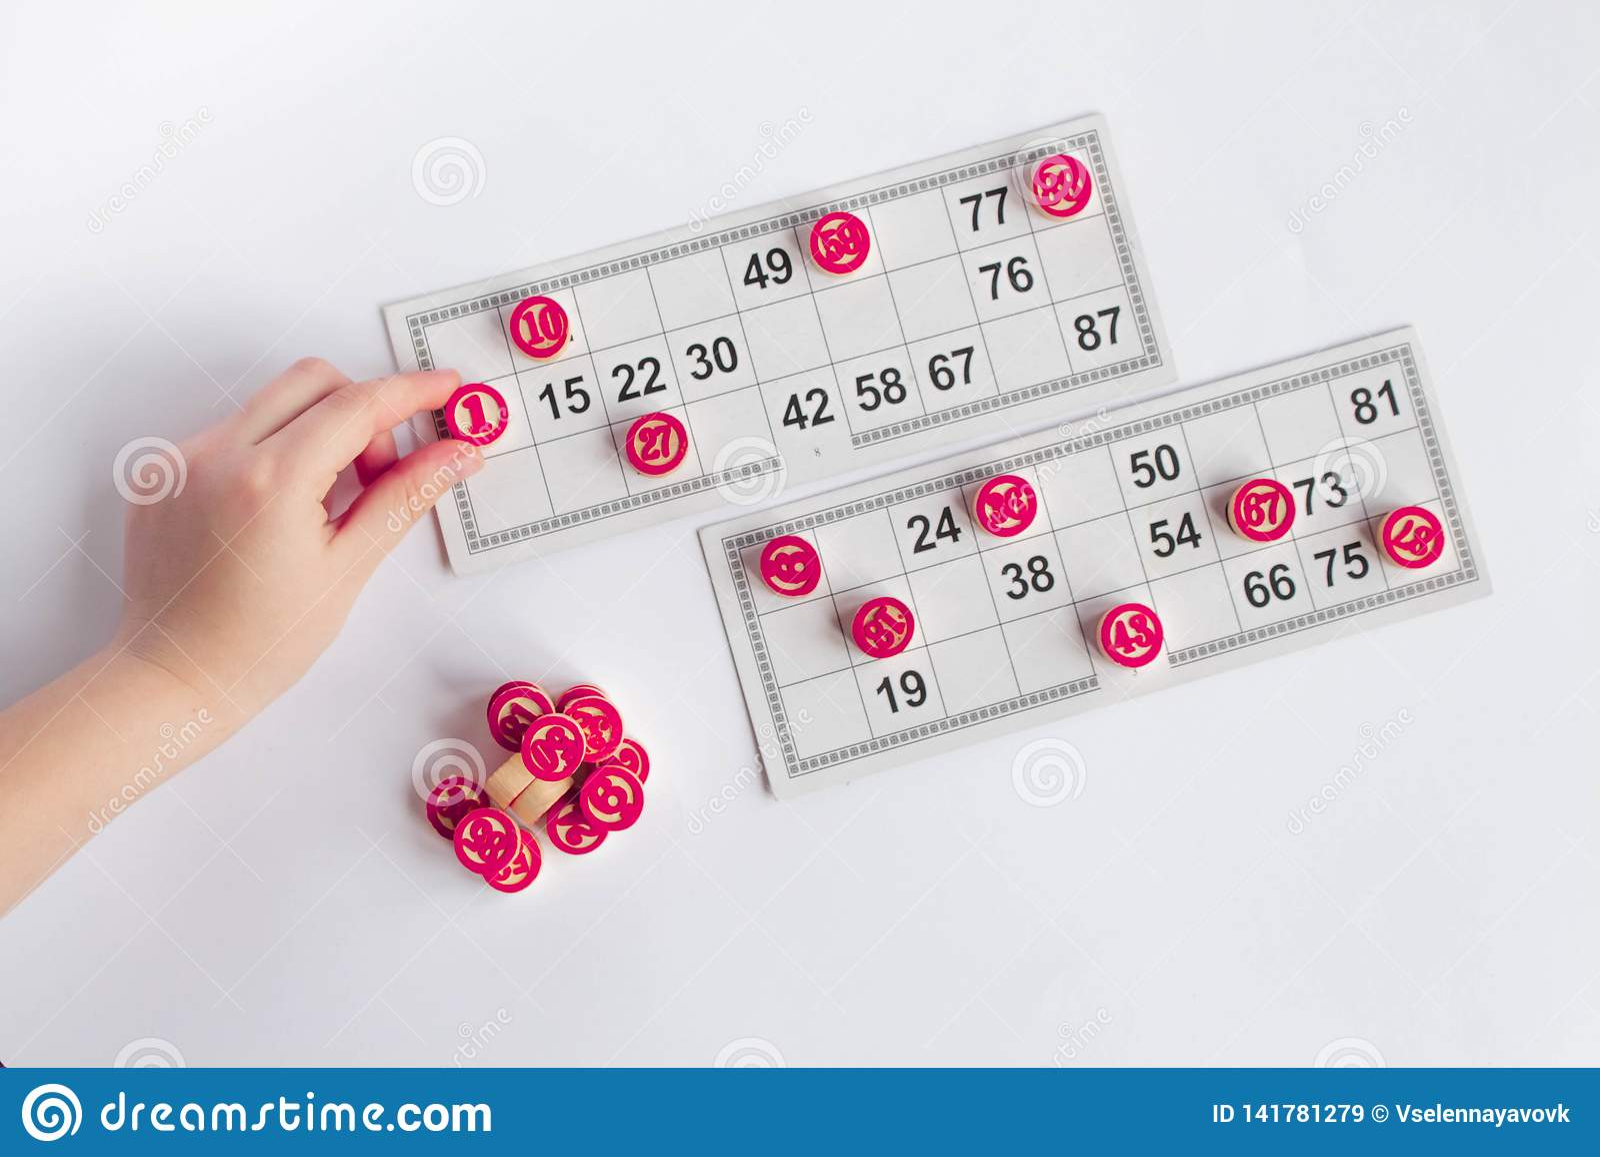 Russisch Lotto